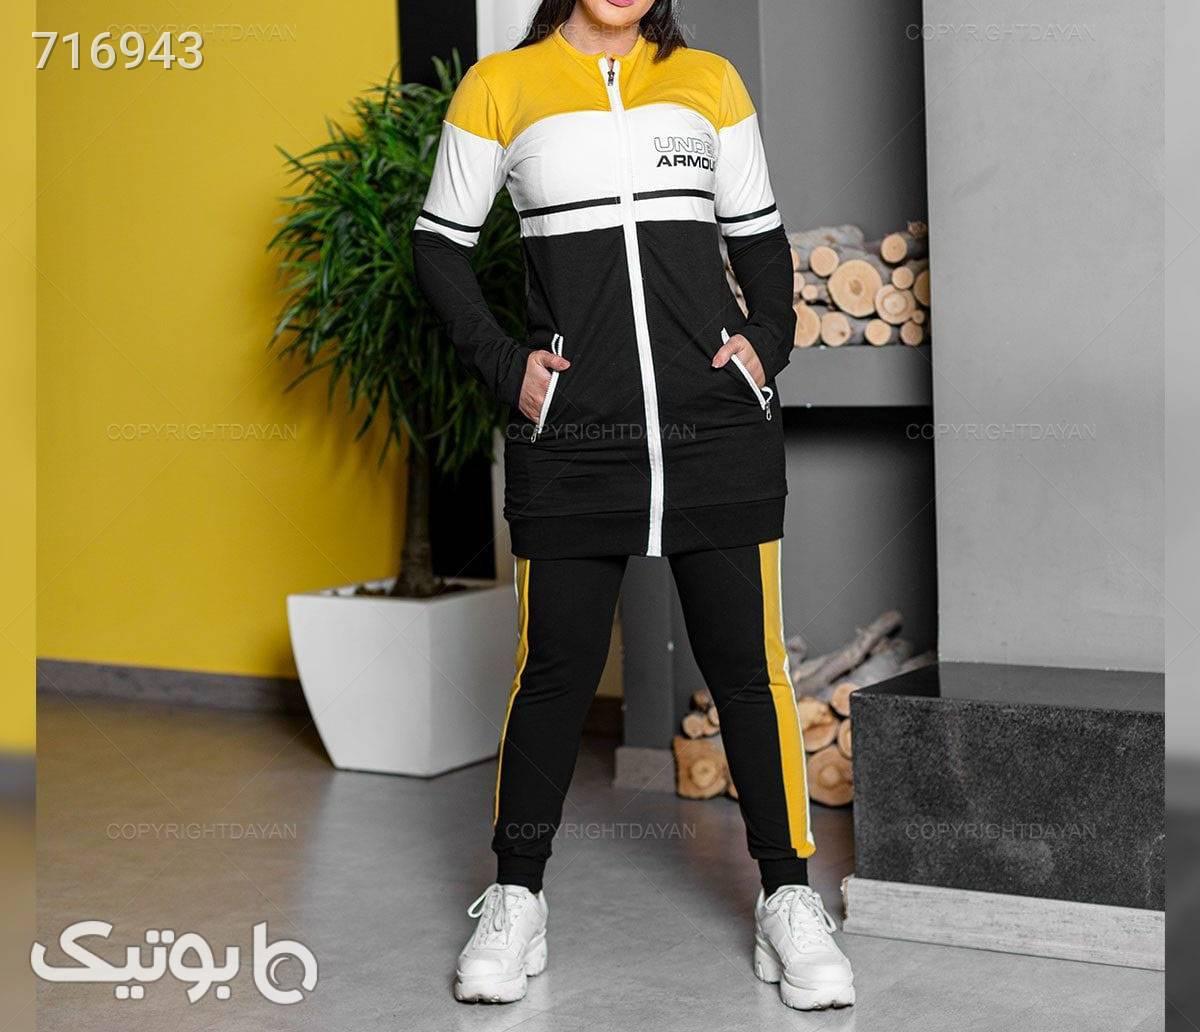 نوع ست : مانتو شلوار  زرد سوئیشرت زنانه